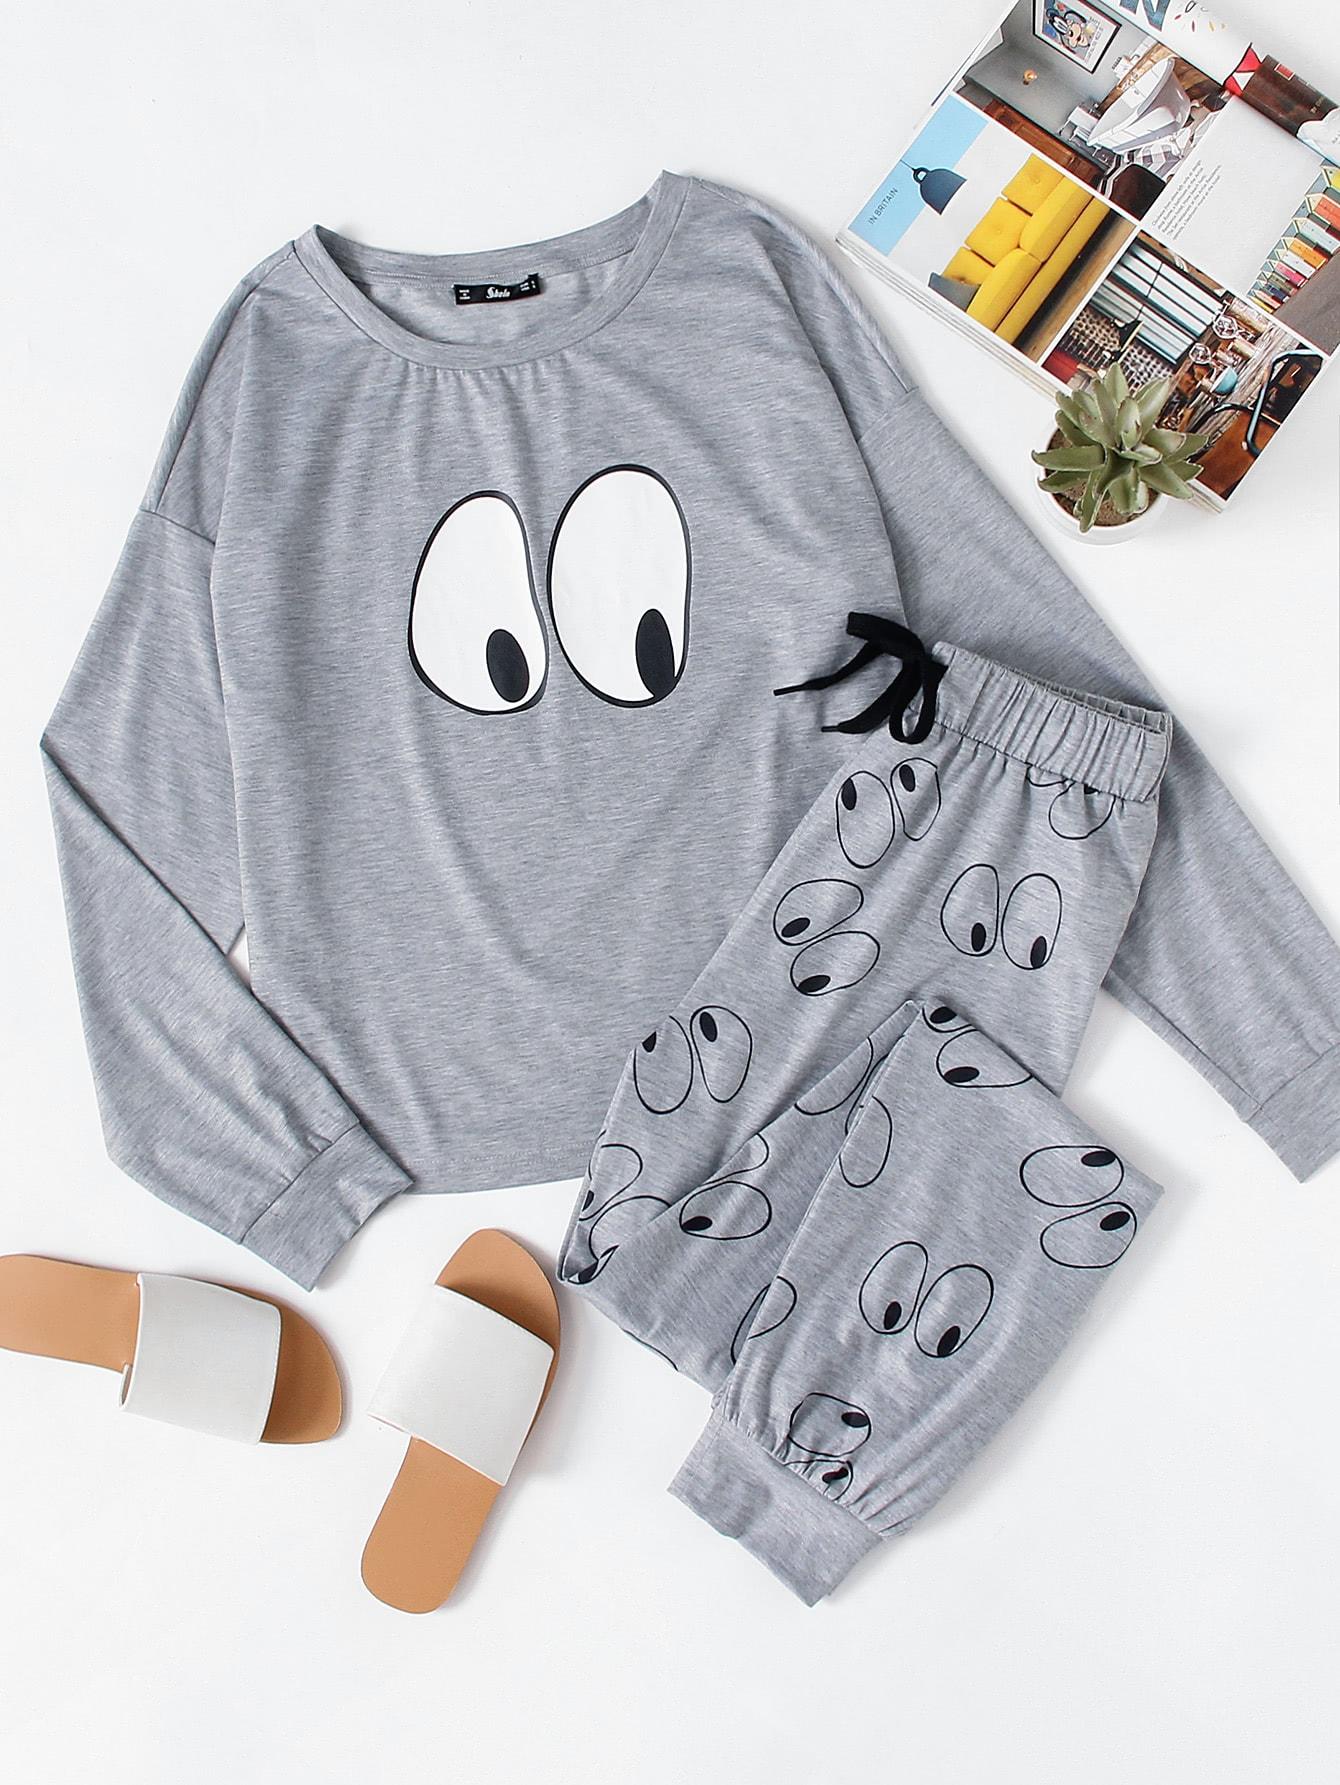 купить Cartoon Eye Print Top & Sweatpants Pajama Set недорого